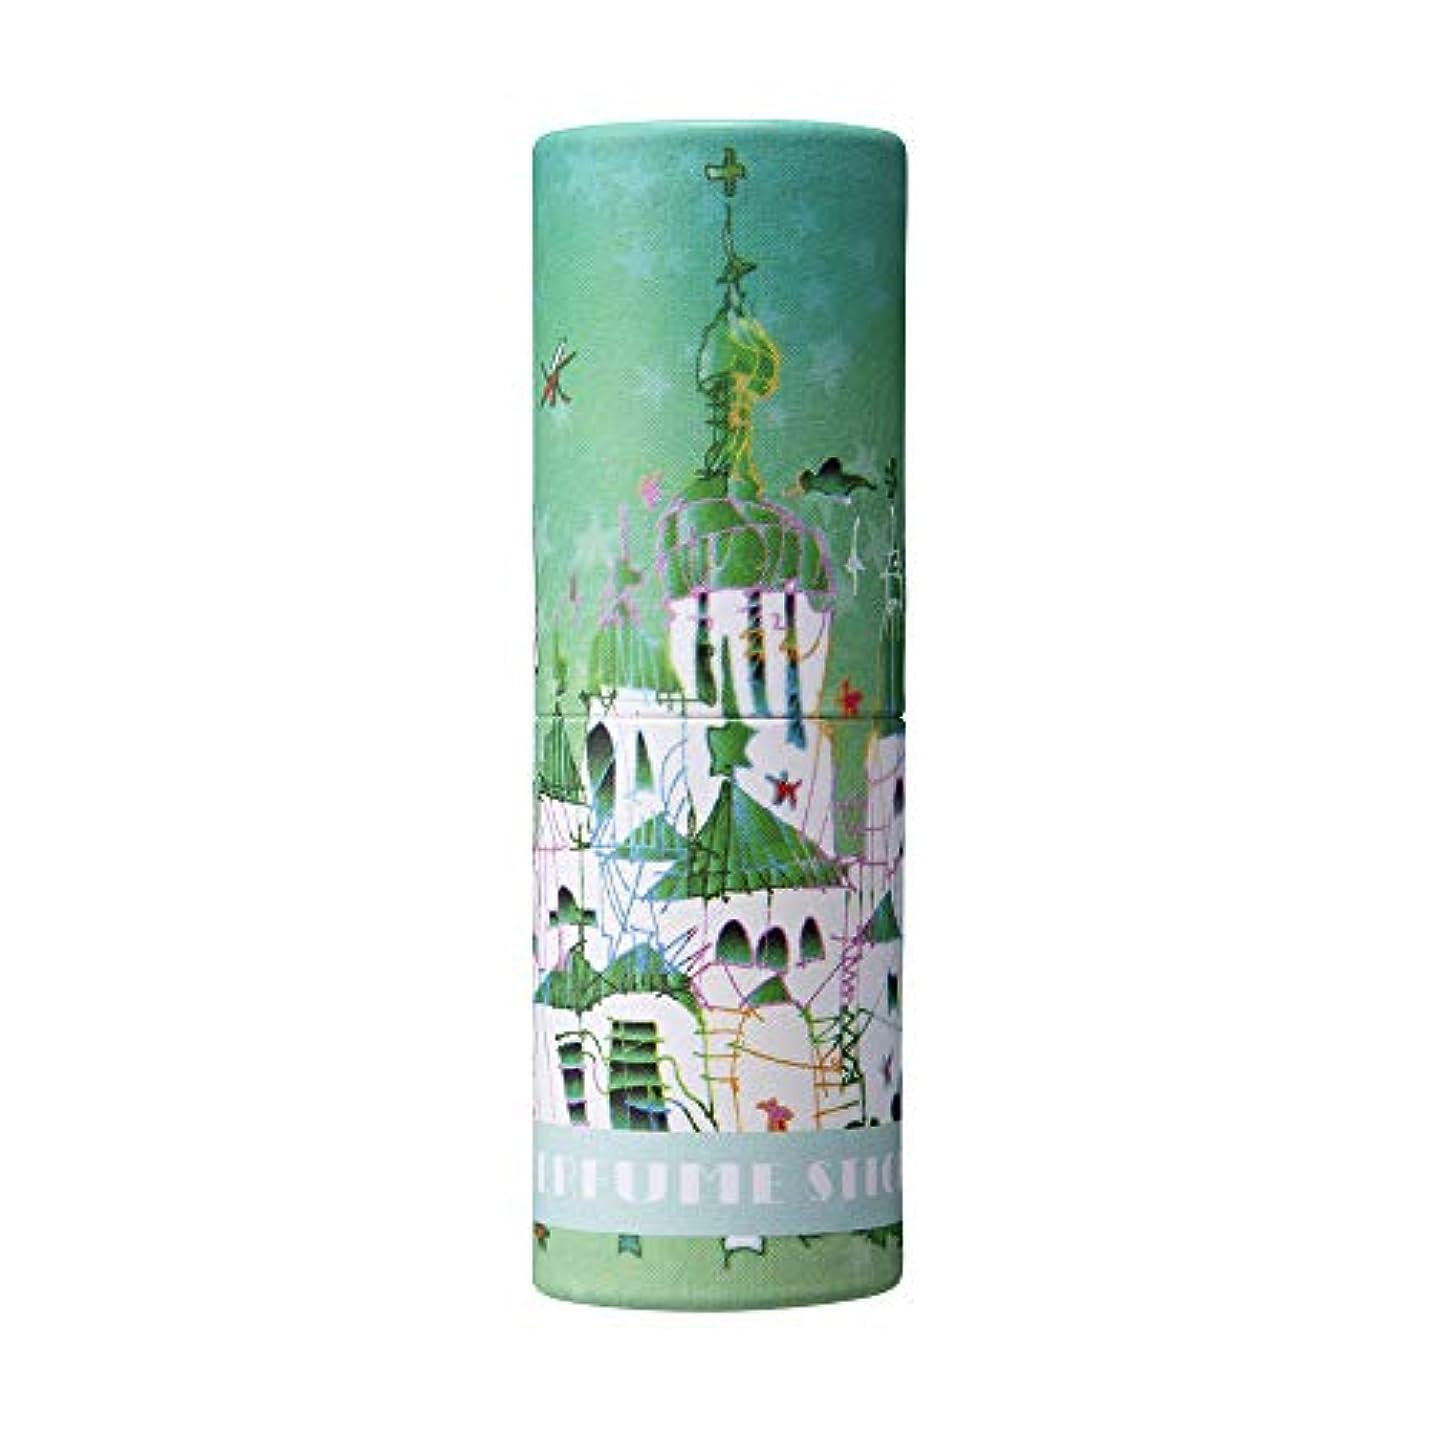 びっくり捨てるゆるいパフュームスティック サンクス グリーンアップル&ムスクの香り 世界遺産デザイン 5g